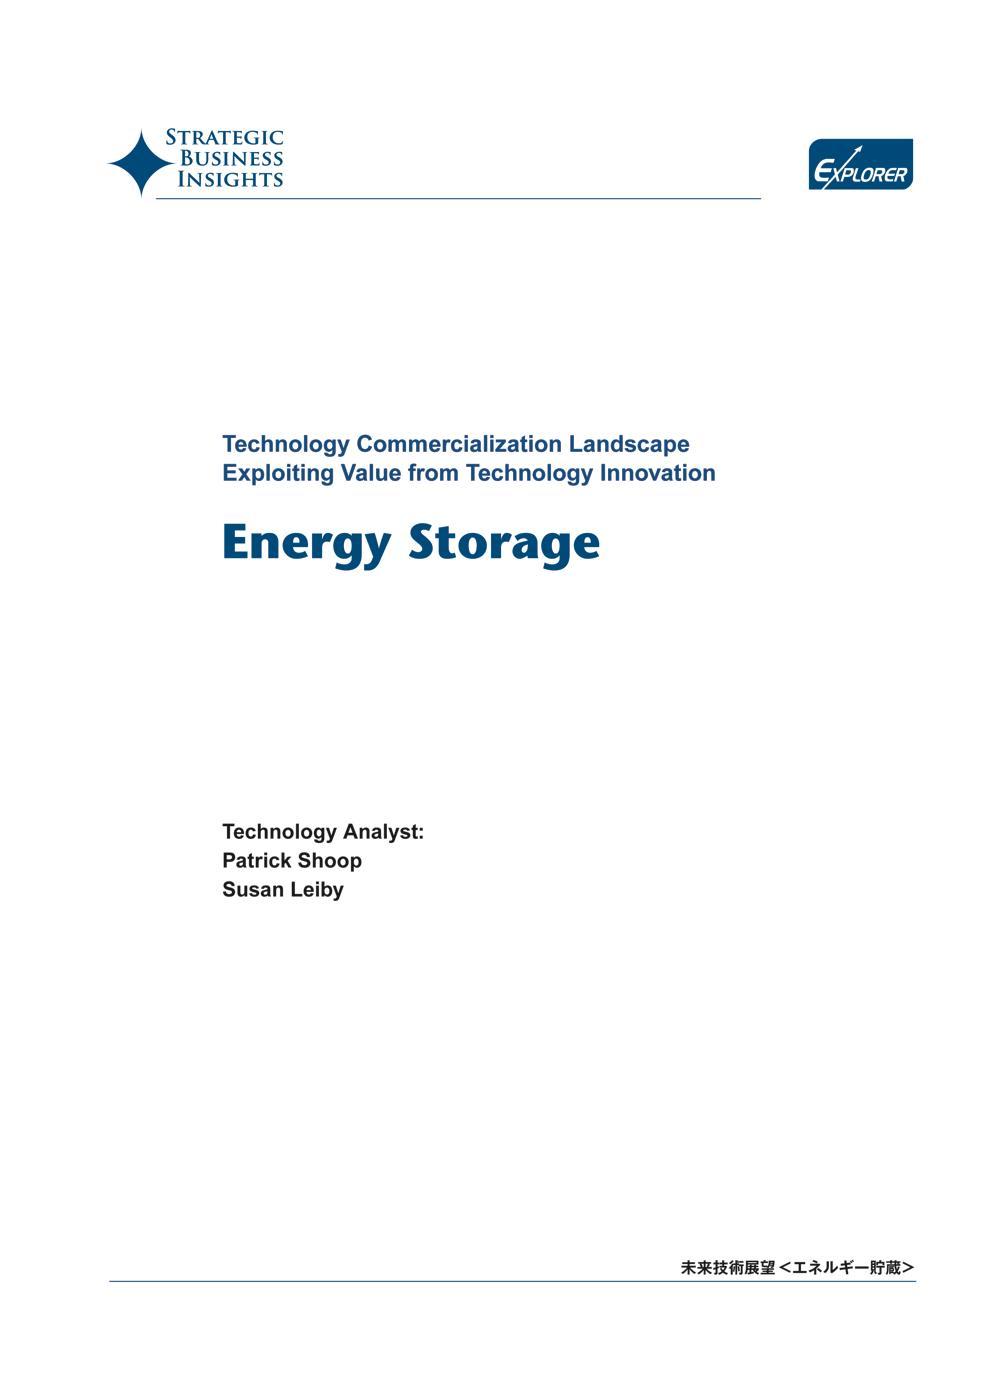 未来技術展望【エネルギー貯蔵】